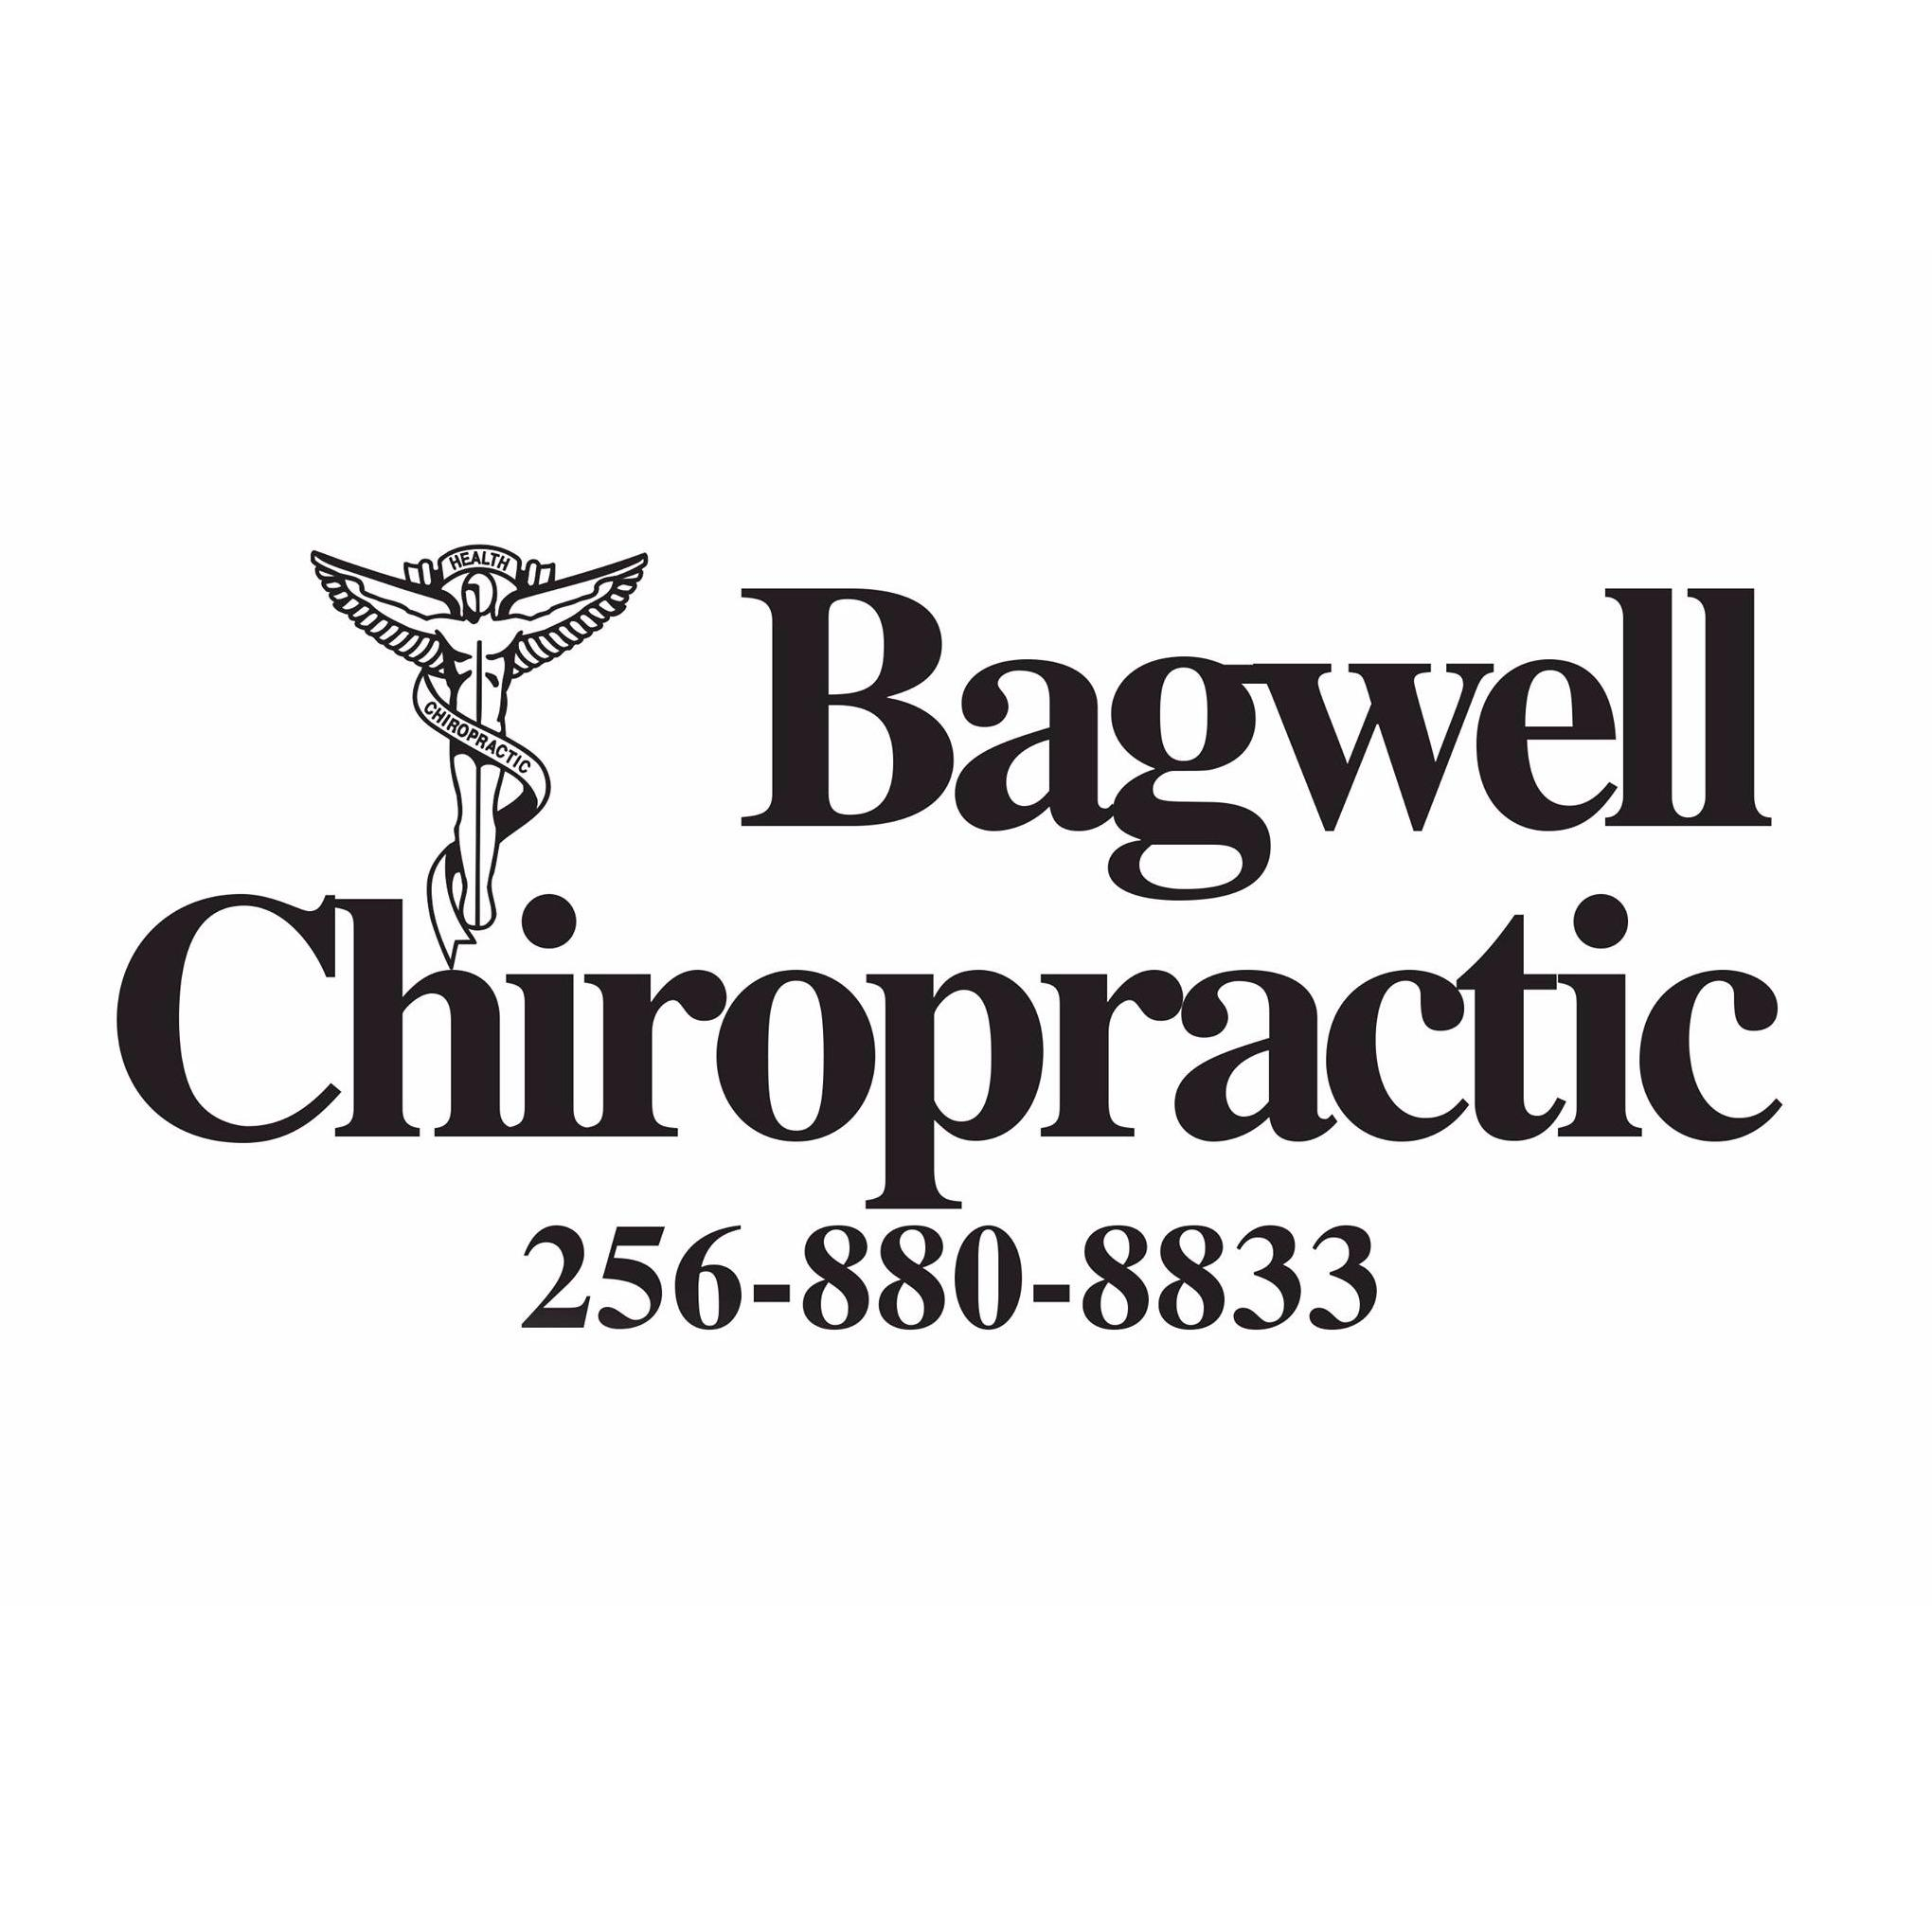 Bagwell Chiropractic - Huntsville, AL - Chiropractors